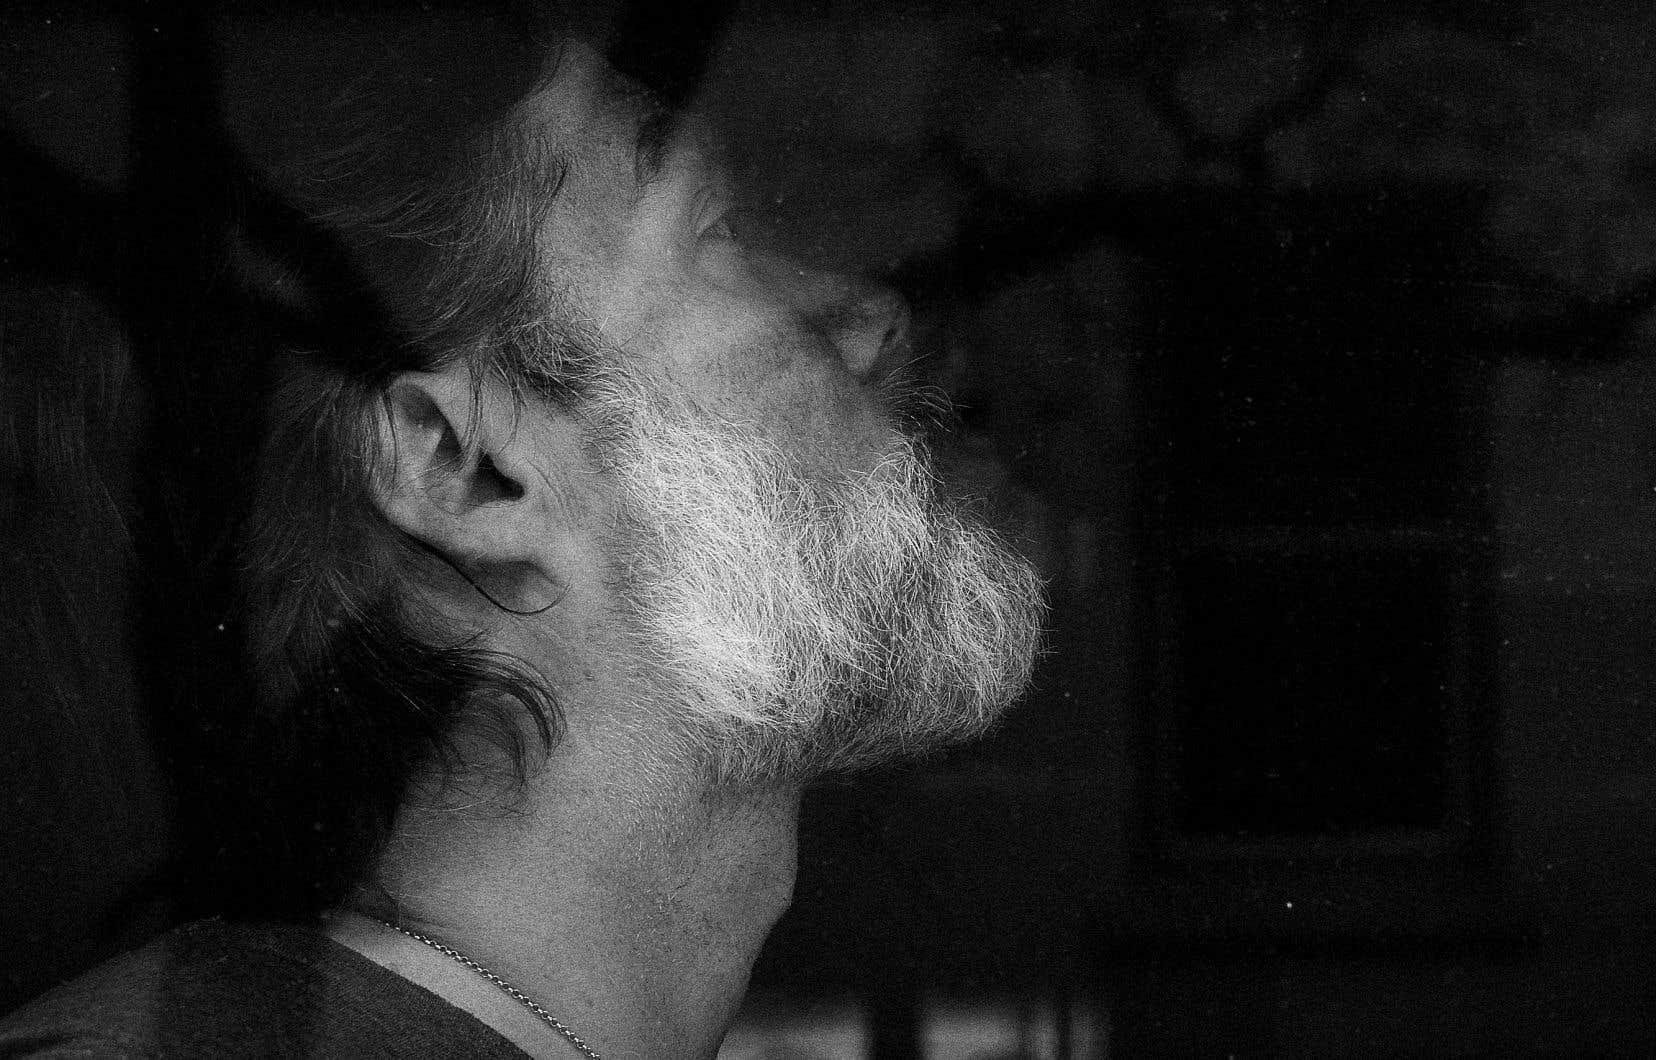 Il aura 47 ans le 22 juillet; ça se voit un peu dans la barbe poivre et sel qui n'a cessé d'allonger à l'écran de sa page Facebook, où il nous a conviés depuis la mi-mars et le début du confinement pour chanter pour nous et nous réconforter dans le cadre de ses «Robe Recitals».